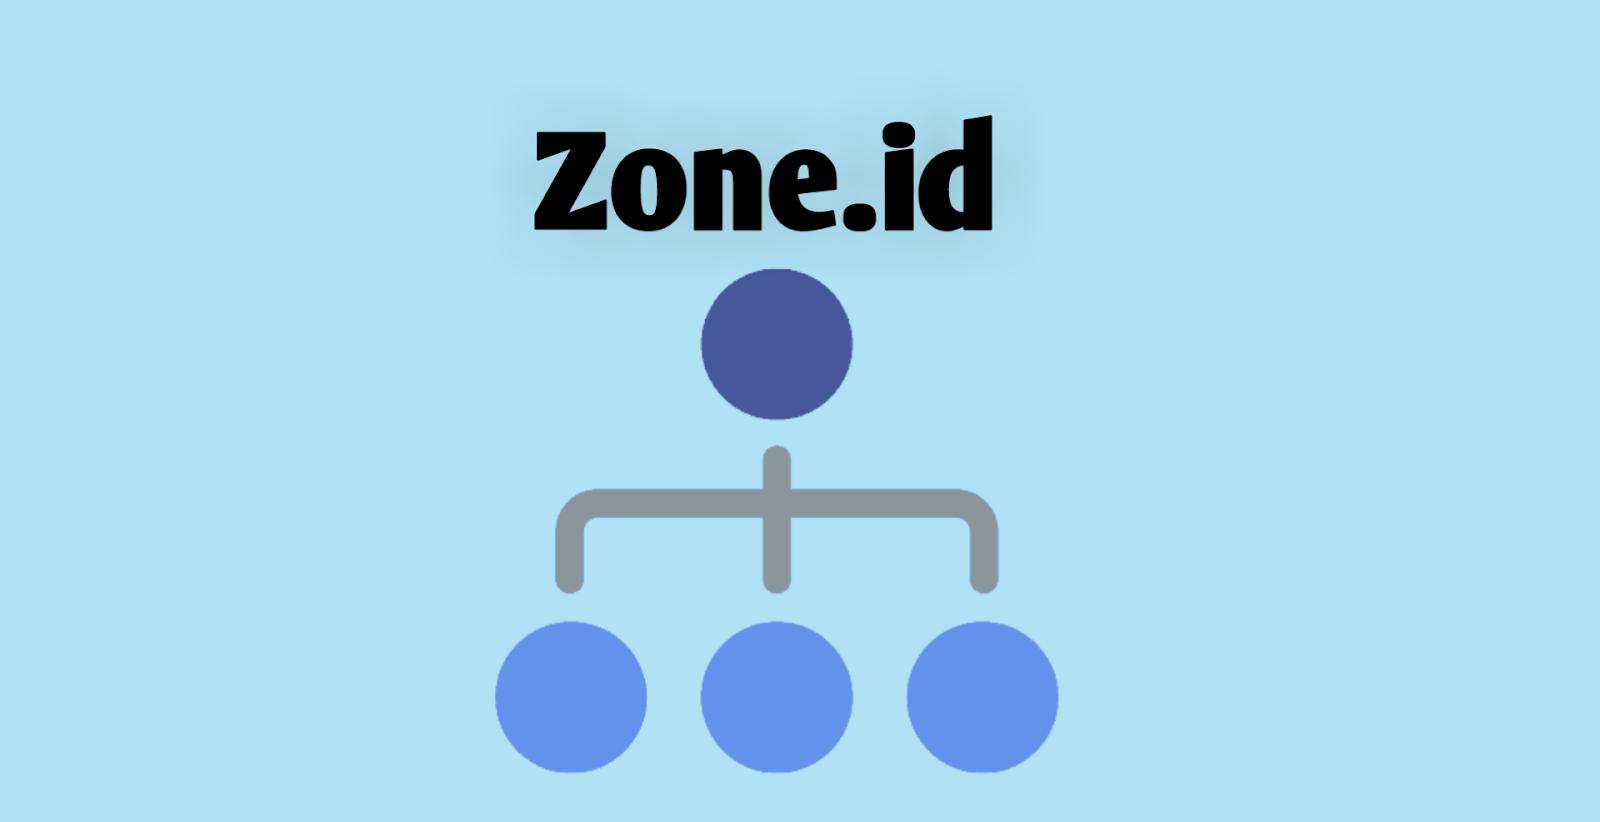 Anakrajin Cara Ganti Domain Blogspot Ke Zone Id Secara Gratis